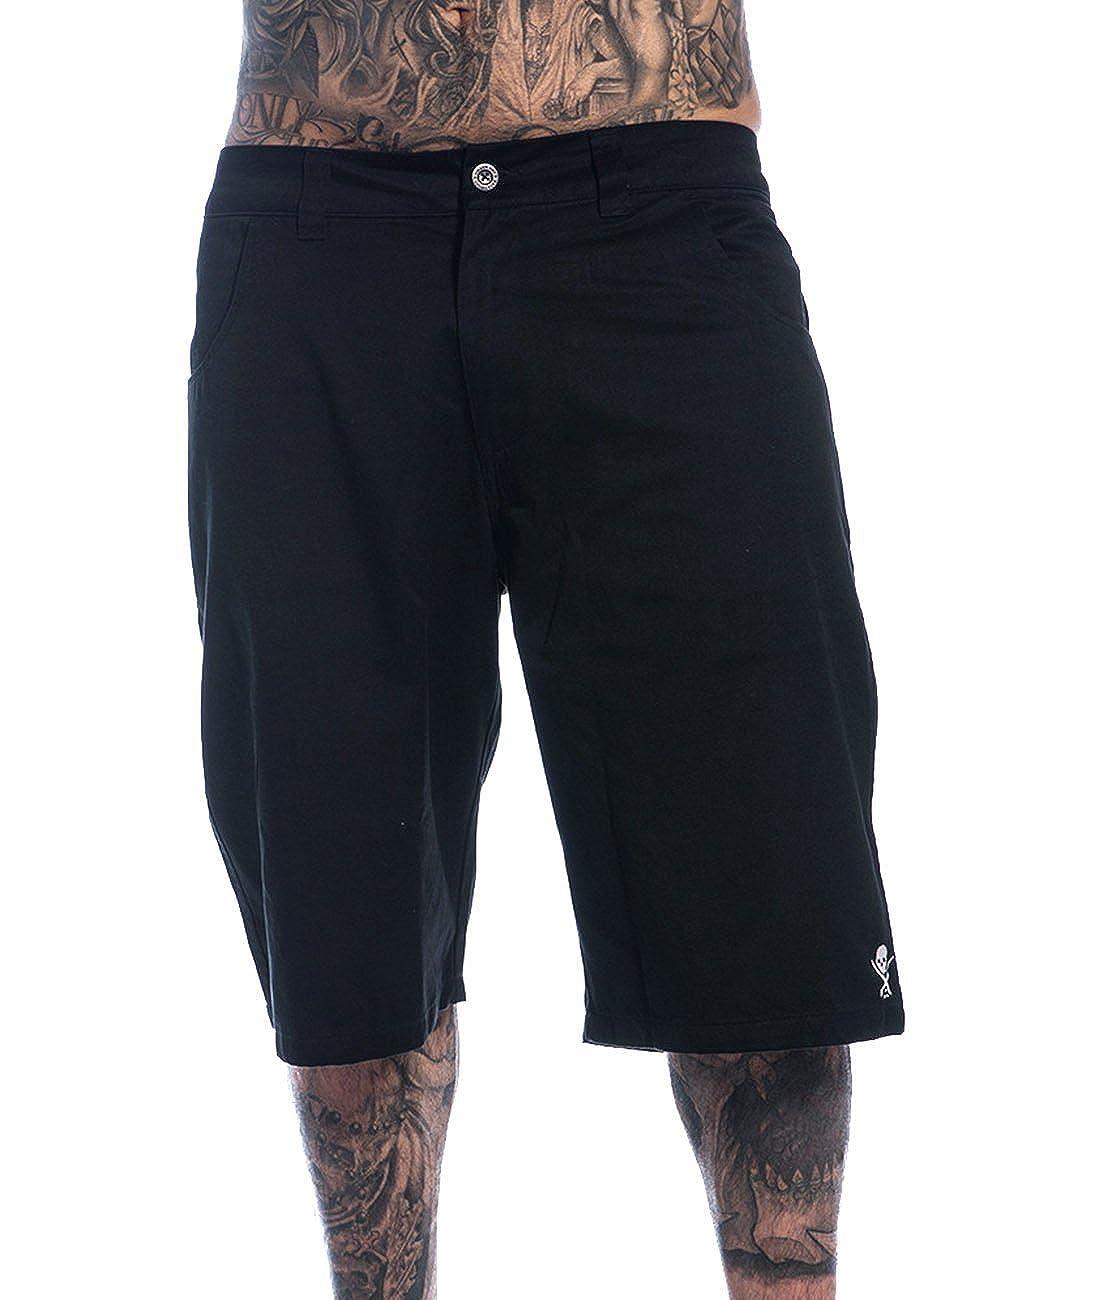 ba16c98d7a Sullen Clothing - Sullen Art Collective Men's Shorts Pier Walkshorts - Black  - 30 W: Amazon.co.uk: Clothing